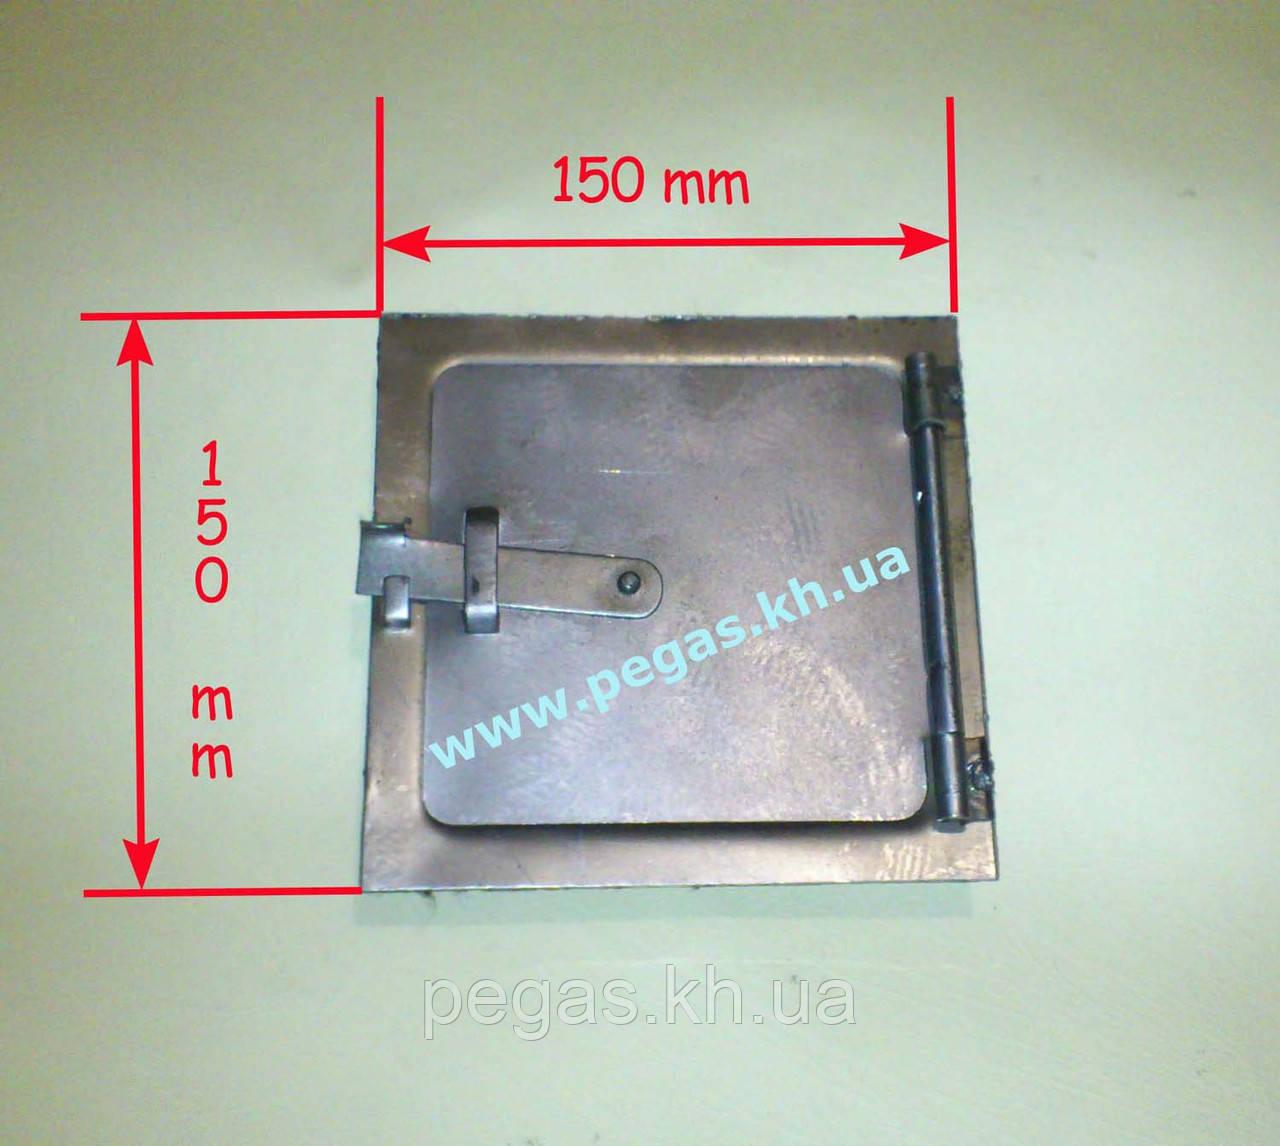 Дверка сажетруска прочистная металлическая (150х150 мм)